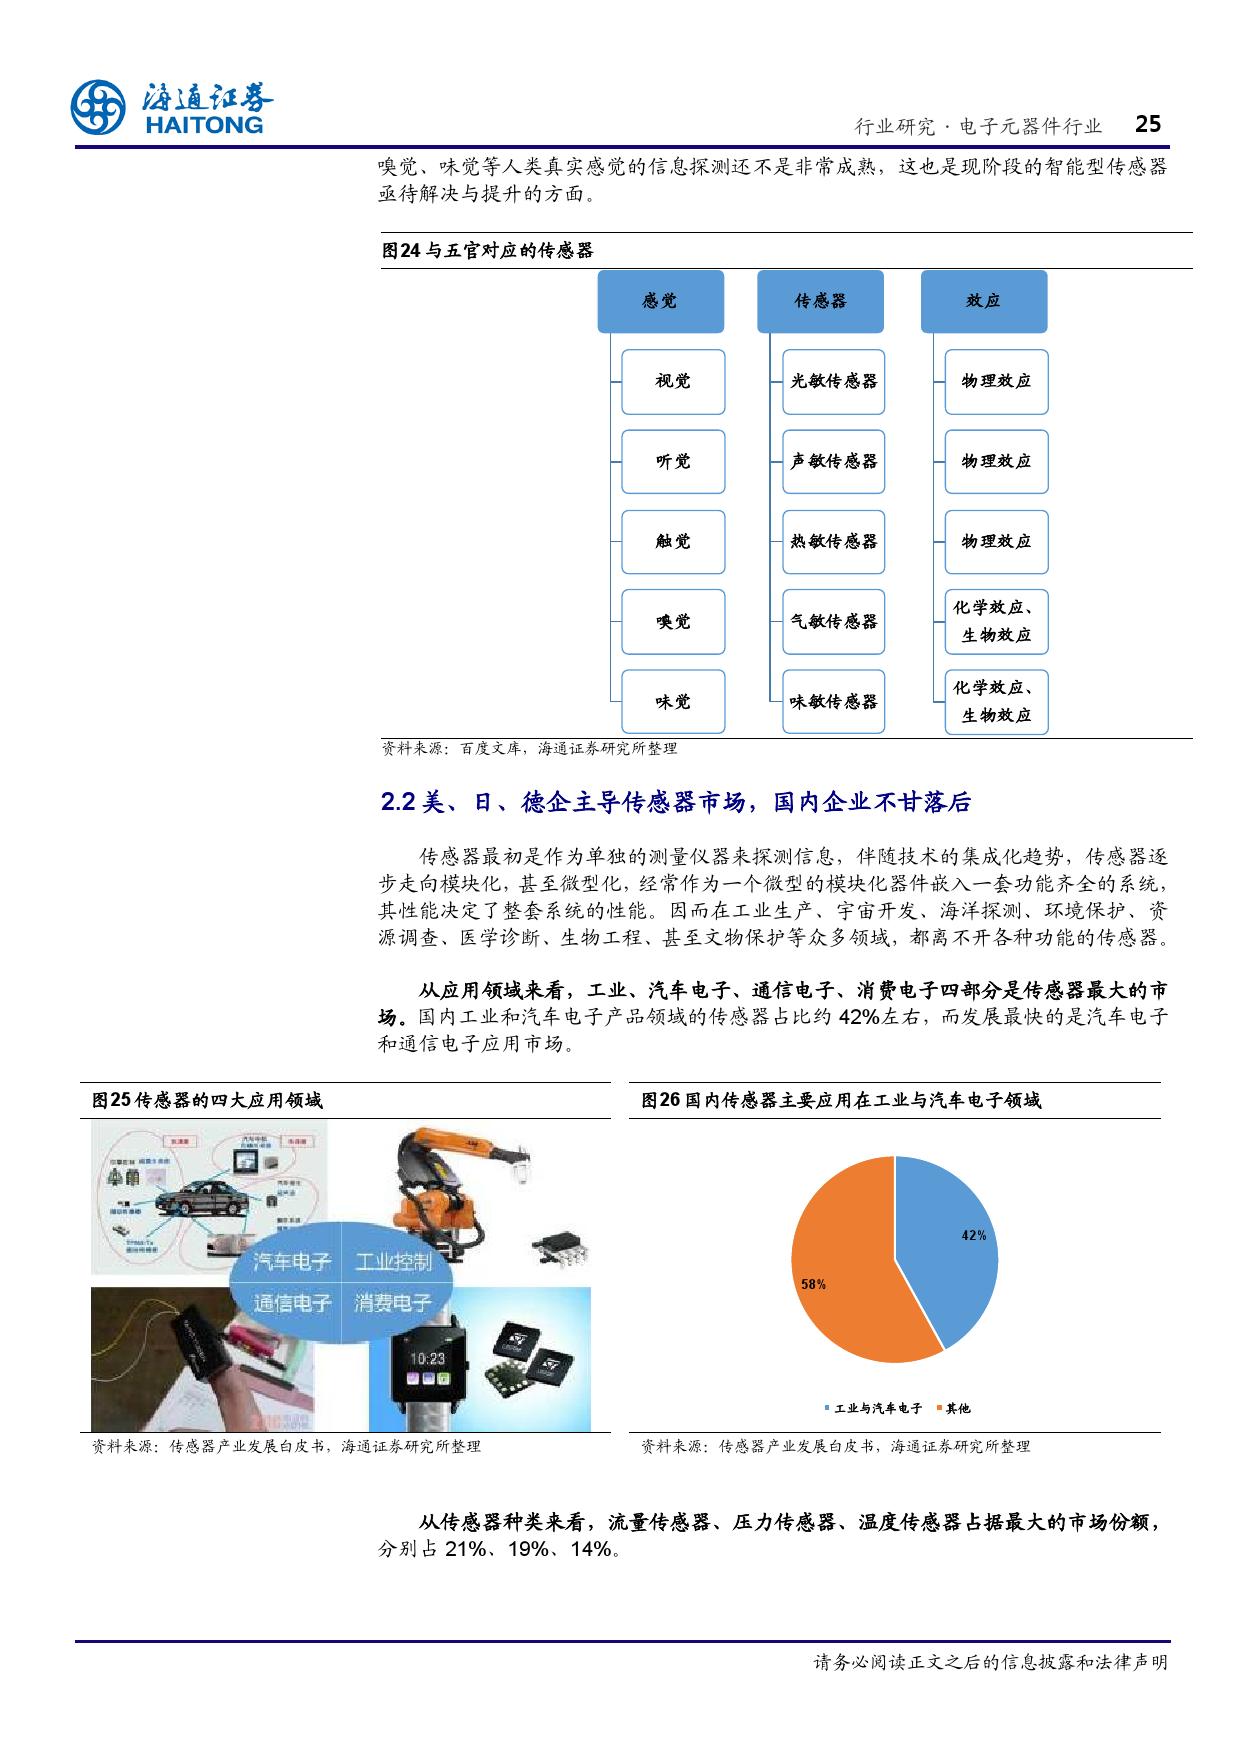 报告全解传感器全球产业链_000025